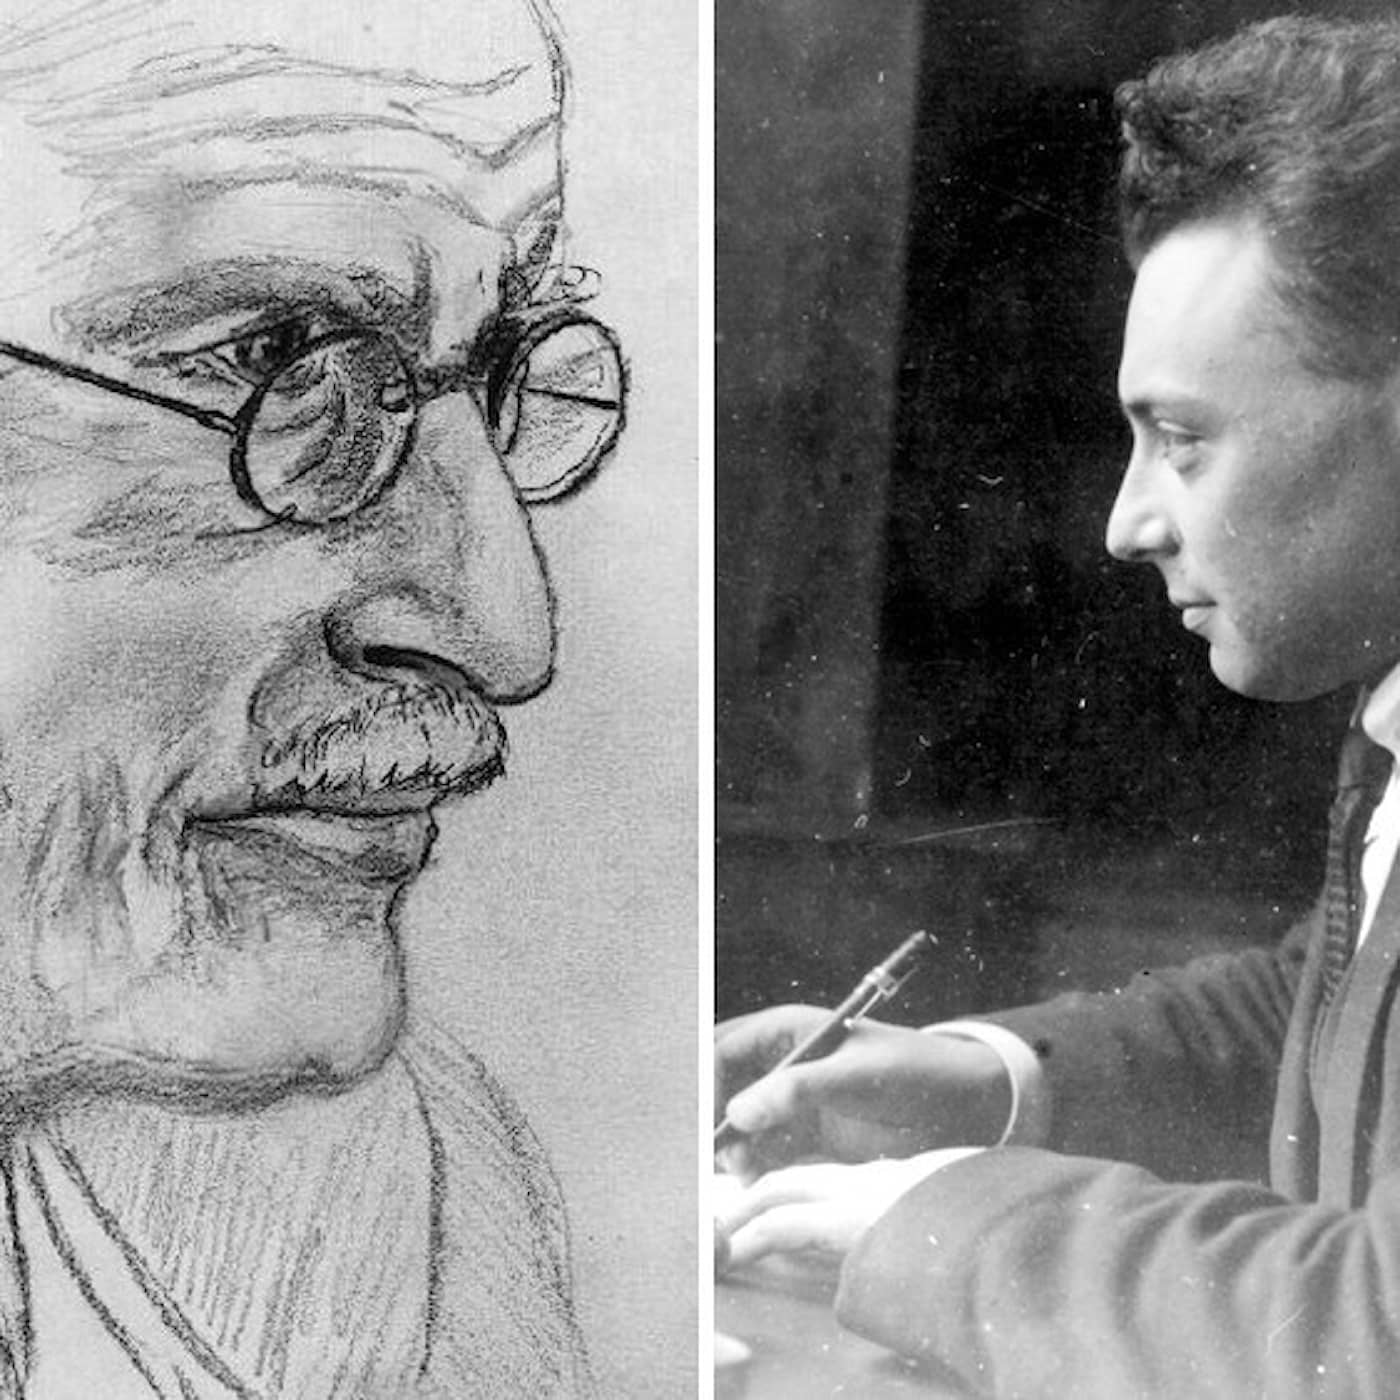 Mötet: Pauli och Jung på slak lina över avgrunden